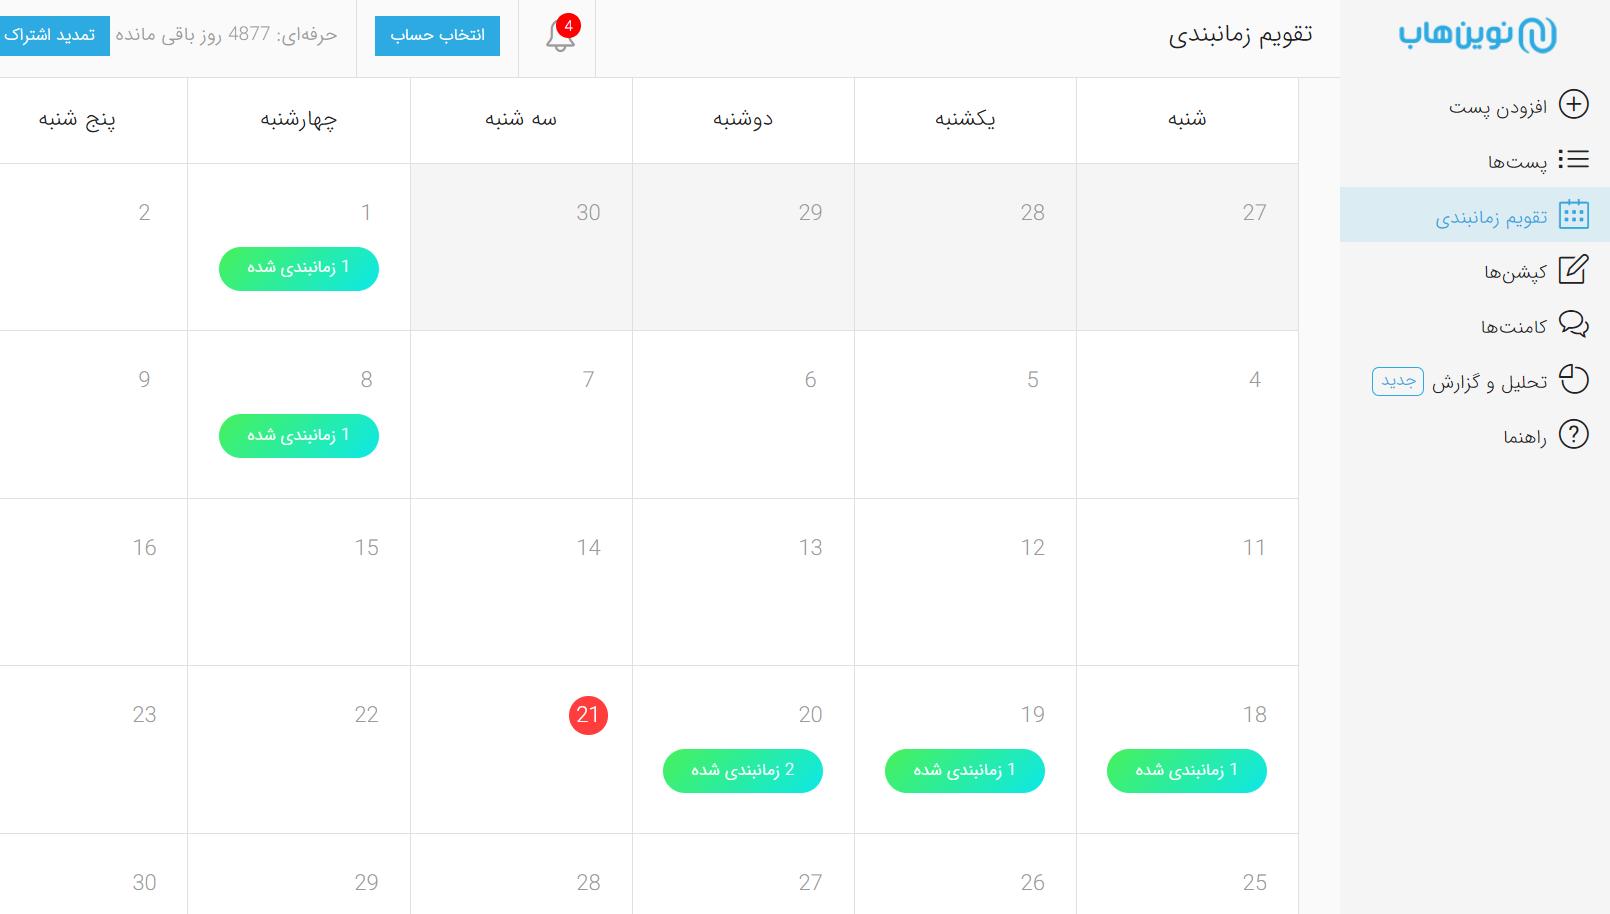 تقویم زمانبندی نوین هاب